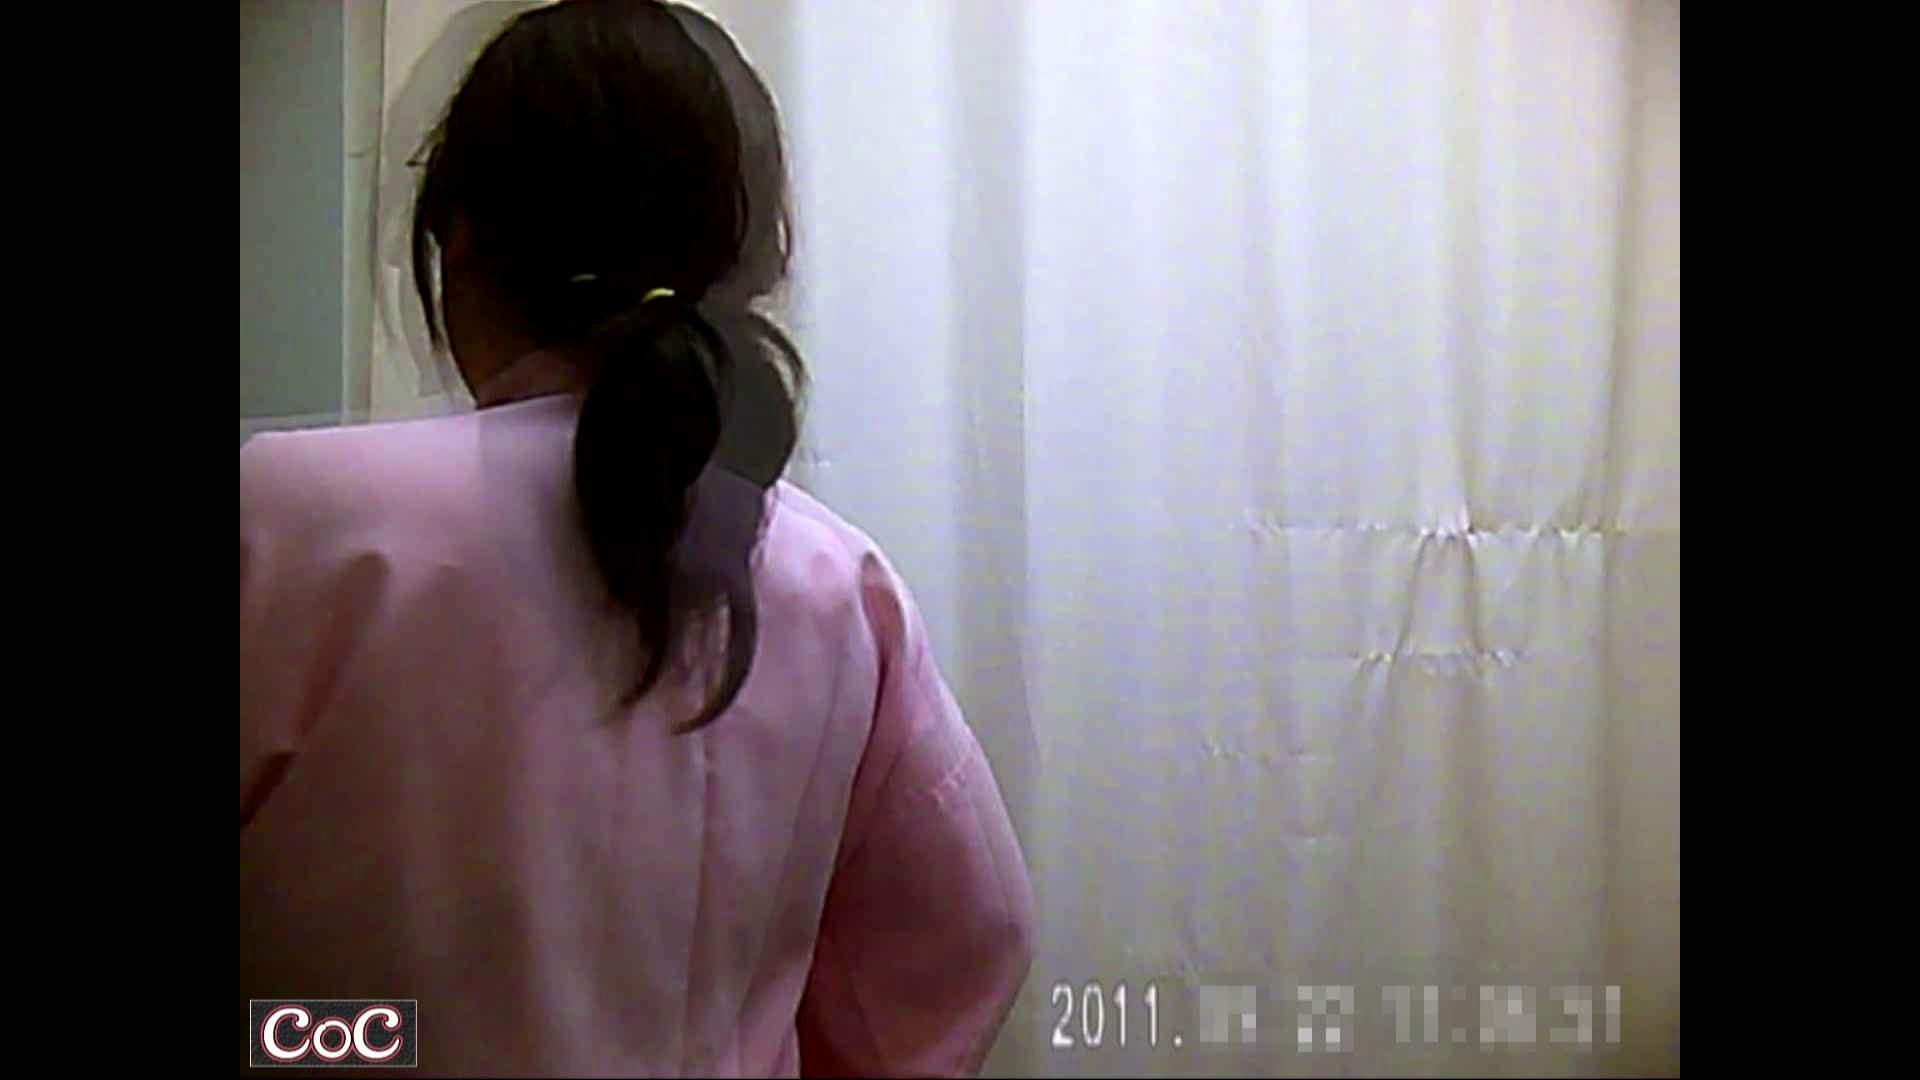 元医者による反抗 更衣室地獄絵巻 vol.263 OLハメ撮り  38Pix 4